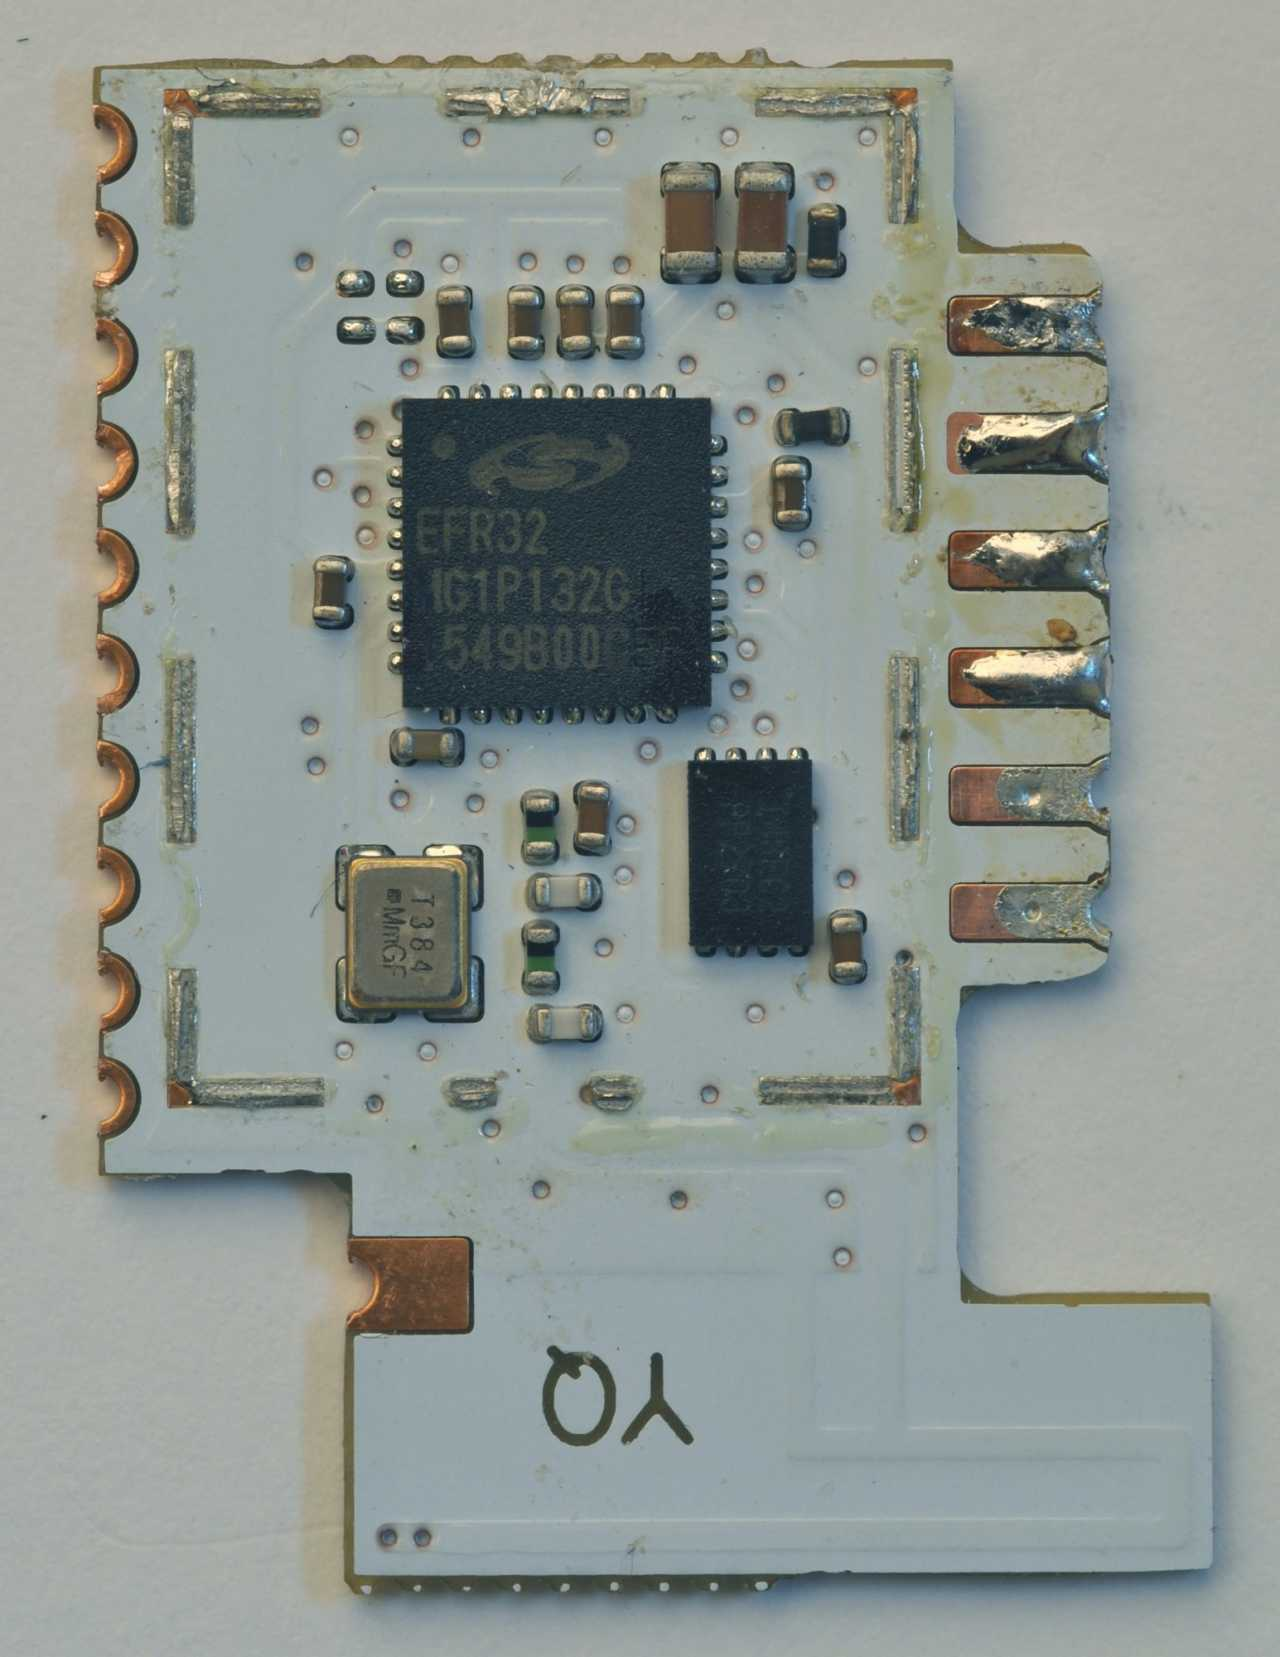 Das IKEA-Transceiver-Modul: Eine weiße Platine mit ARM Cortex-M4